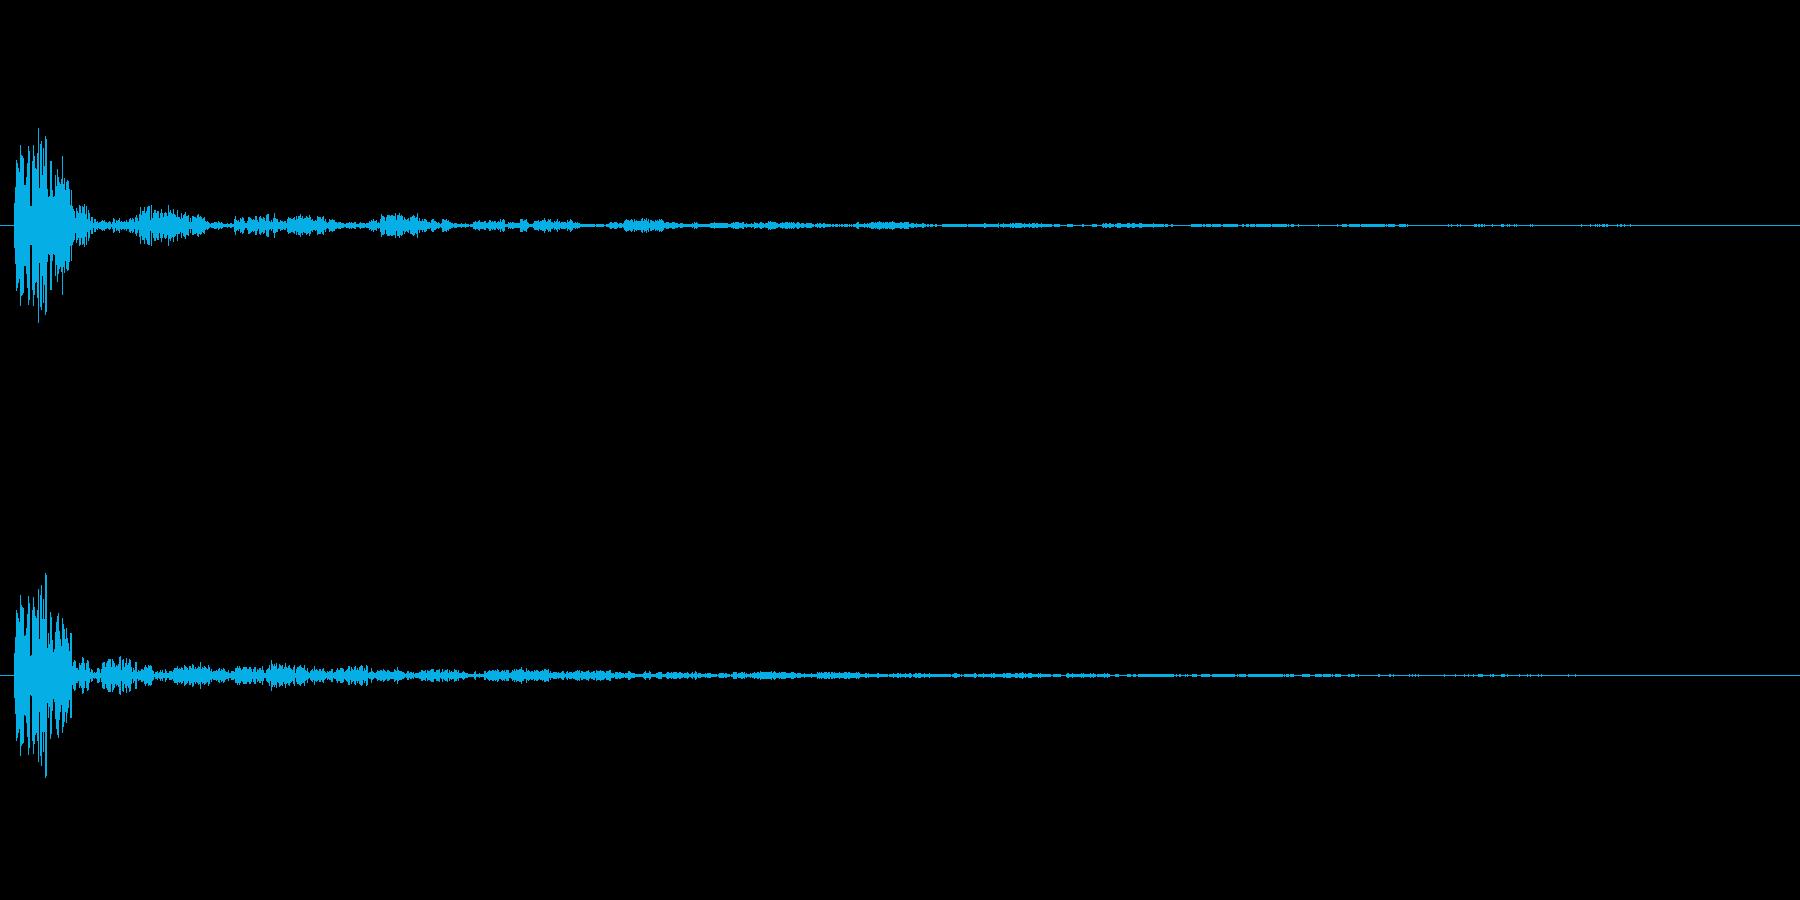 ボン+せり上がりの余韻の再生済みの波形